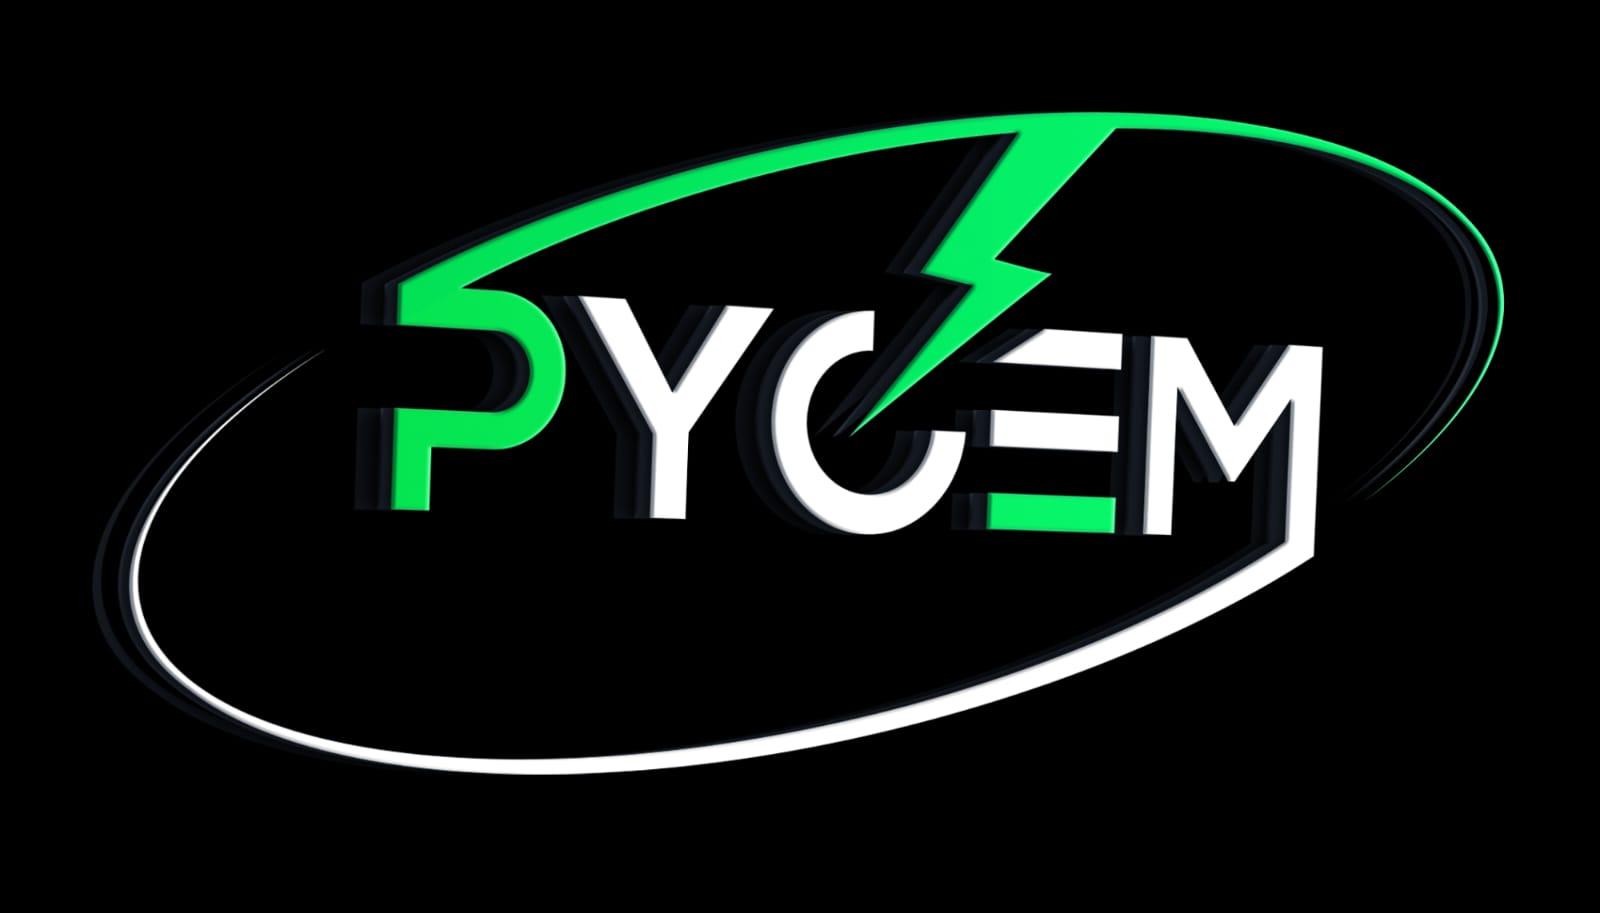 PYCEM